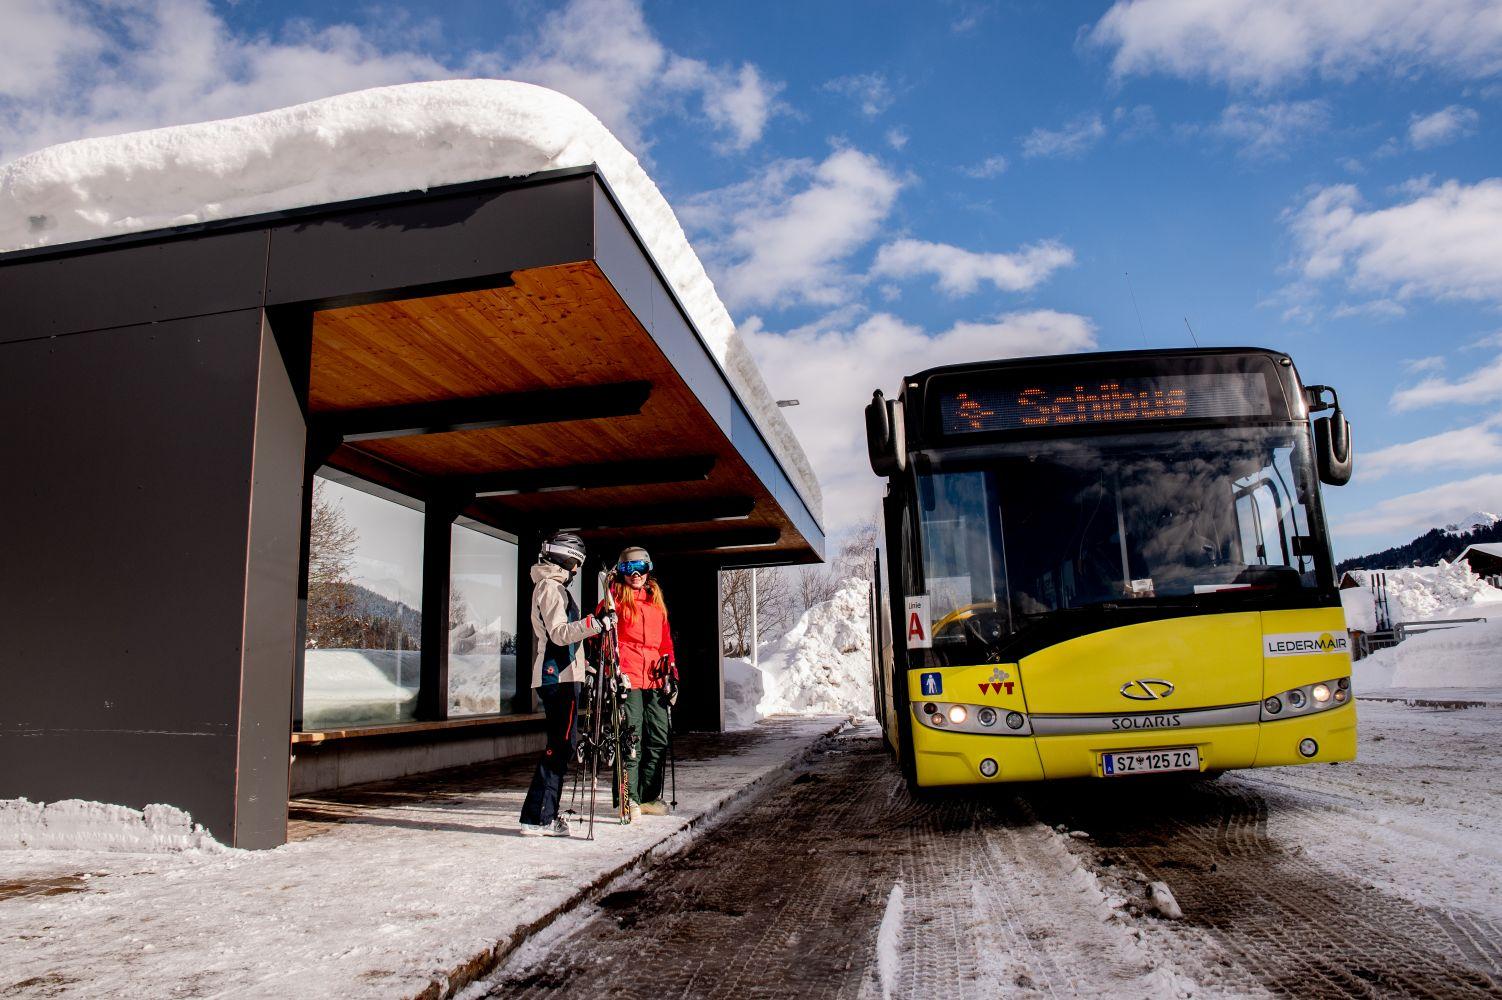 Gästekarte = Fahrkarte für öffentliche Linien- und Skibusse